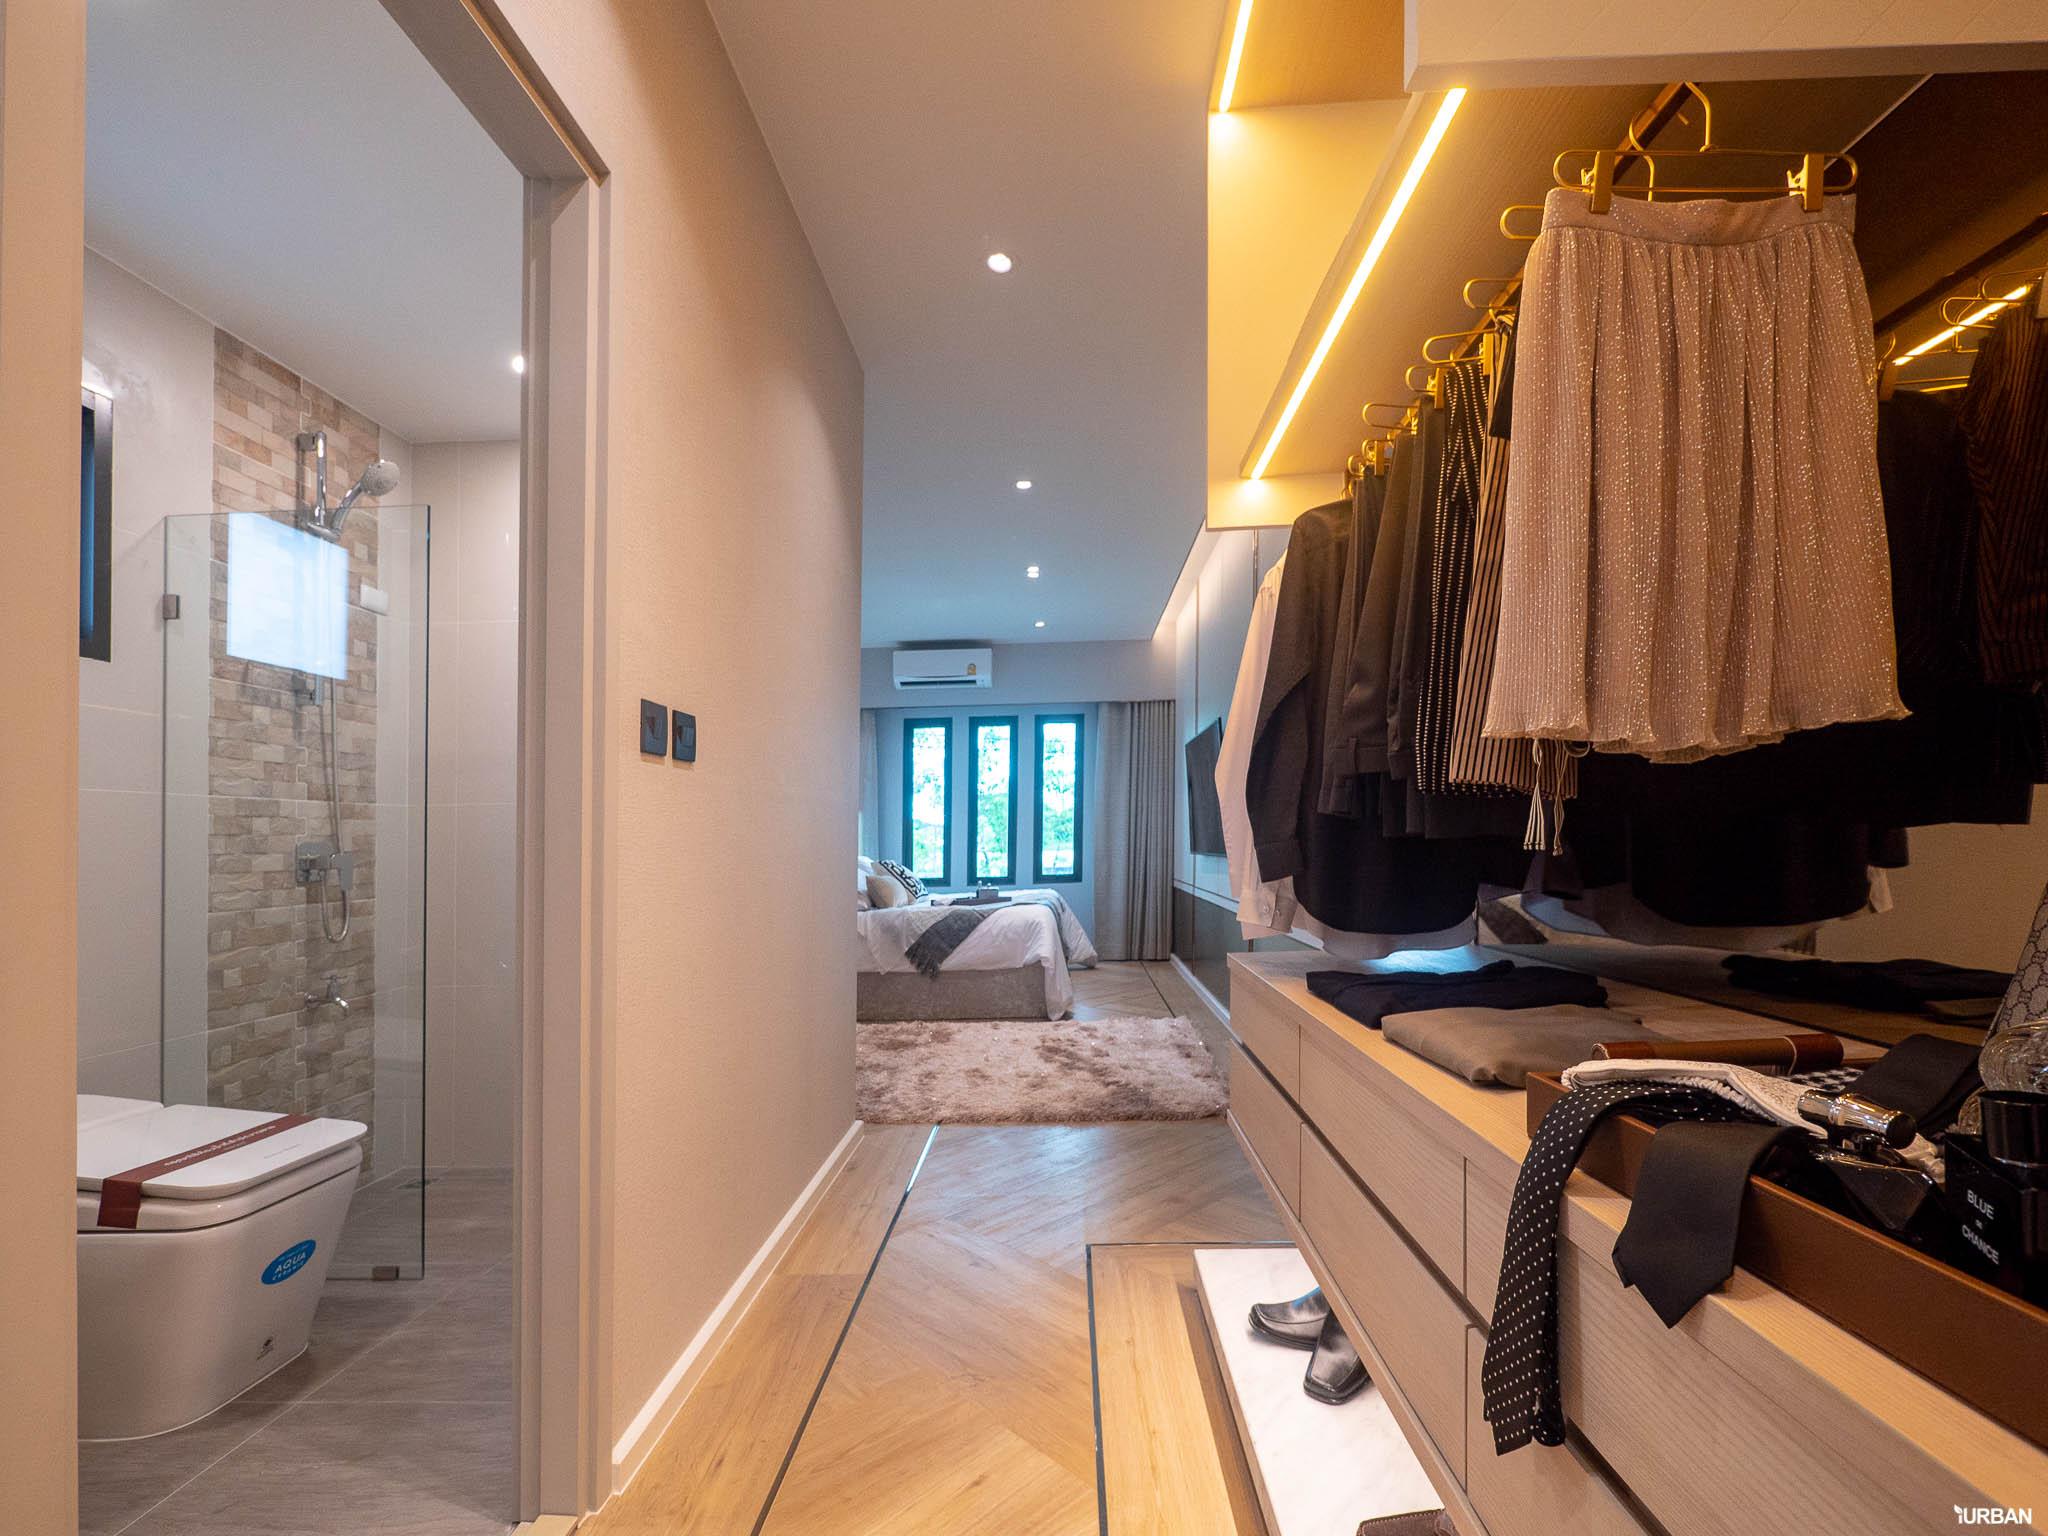 รีวิว URBANIO วิภาวดี-แจ้งวัฒนะ พรีเมียมทาวน์โฮม 3 ชั้นสุดสวย ใกล้สถานี Interchange เริ่ม 5.59 ล้าน จาก Ananda 76 - Premium